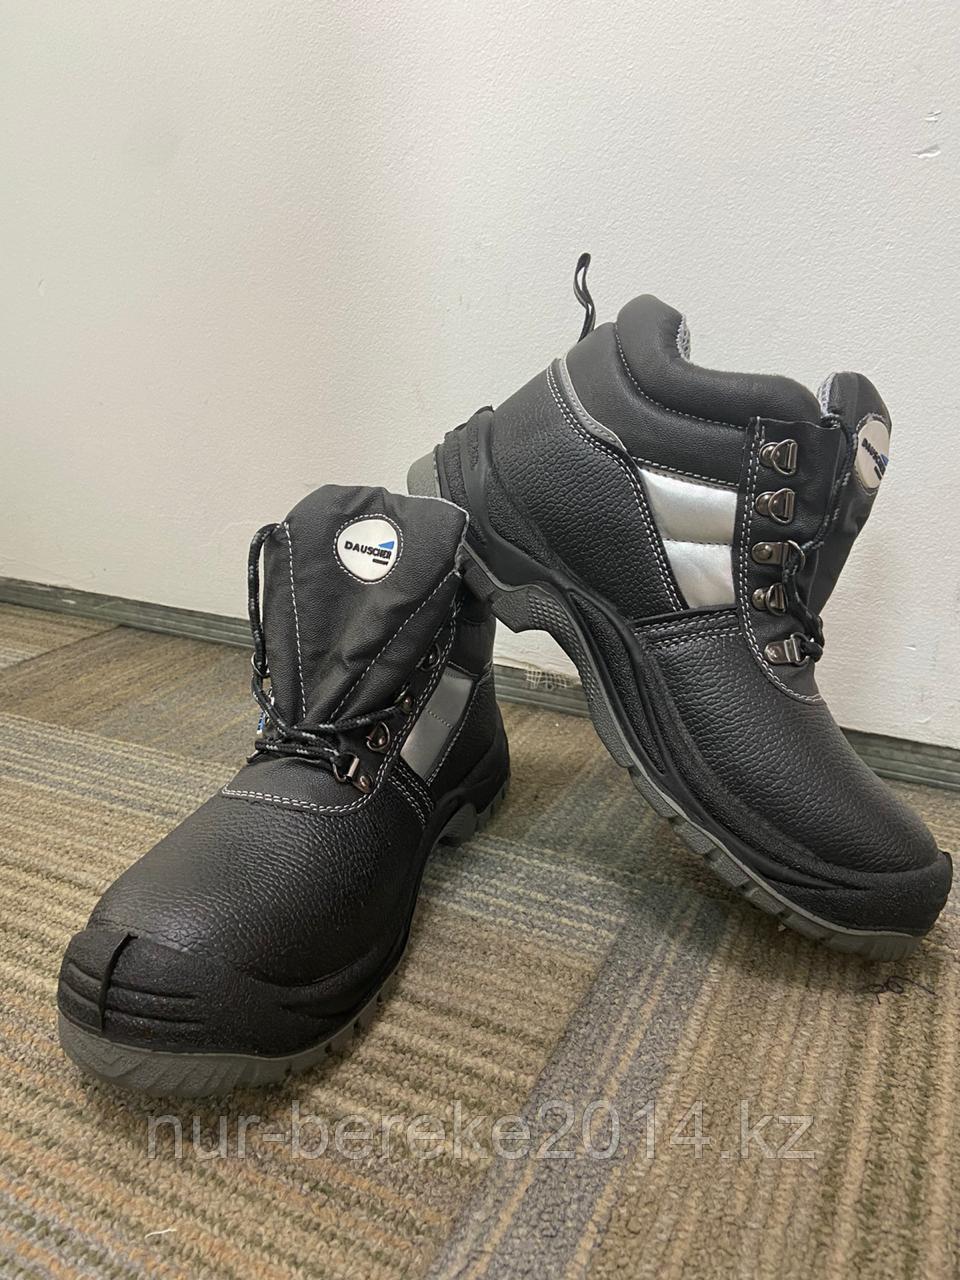 Ботинки Даучер с МП демисезон - фото 3